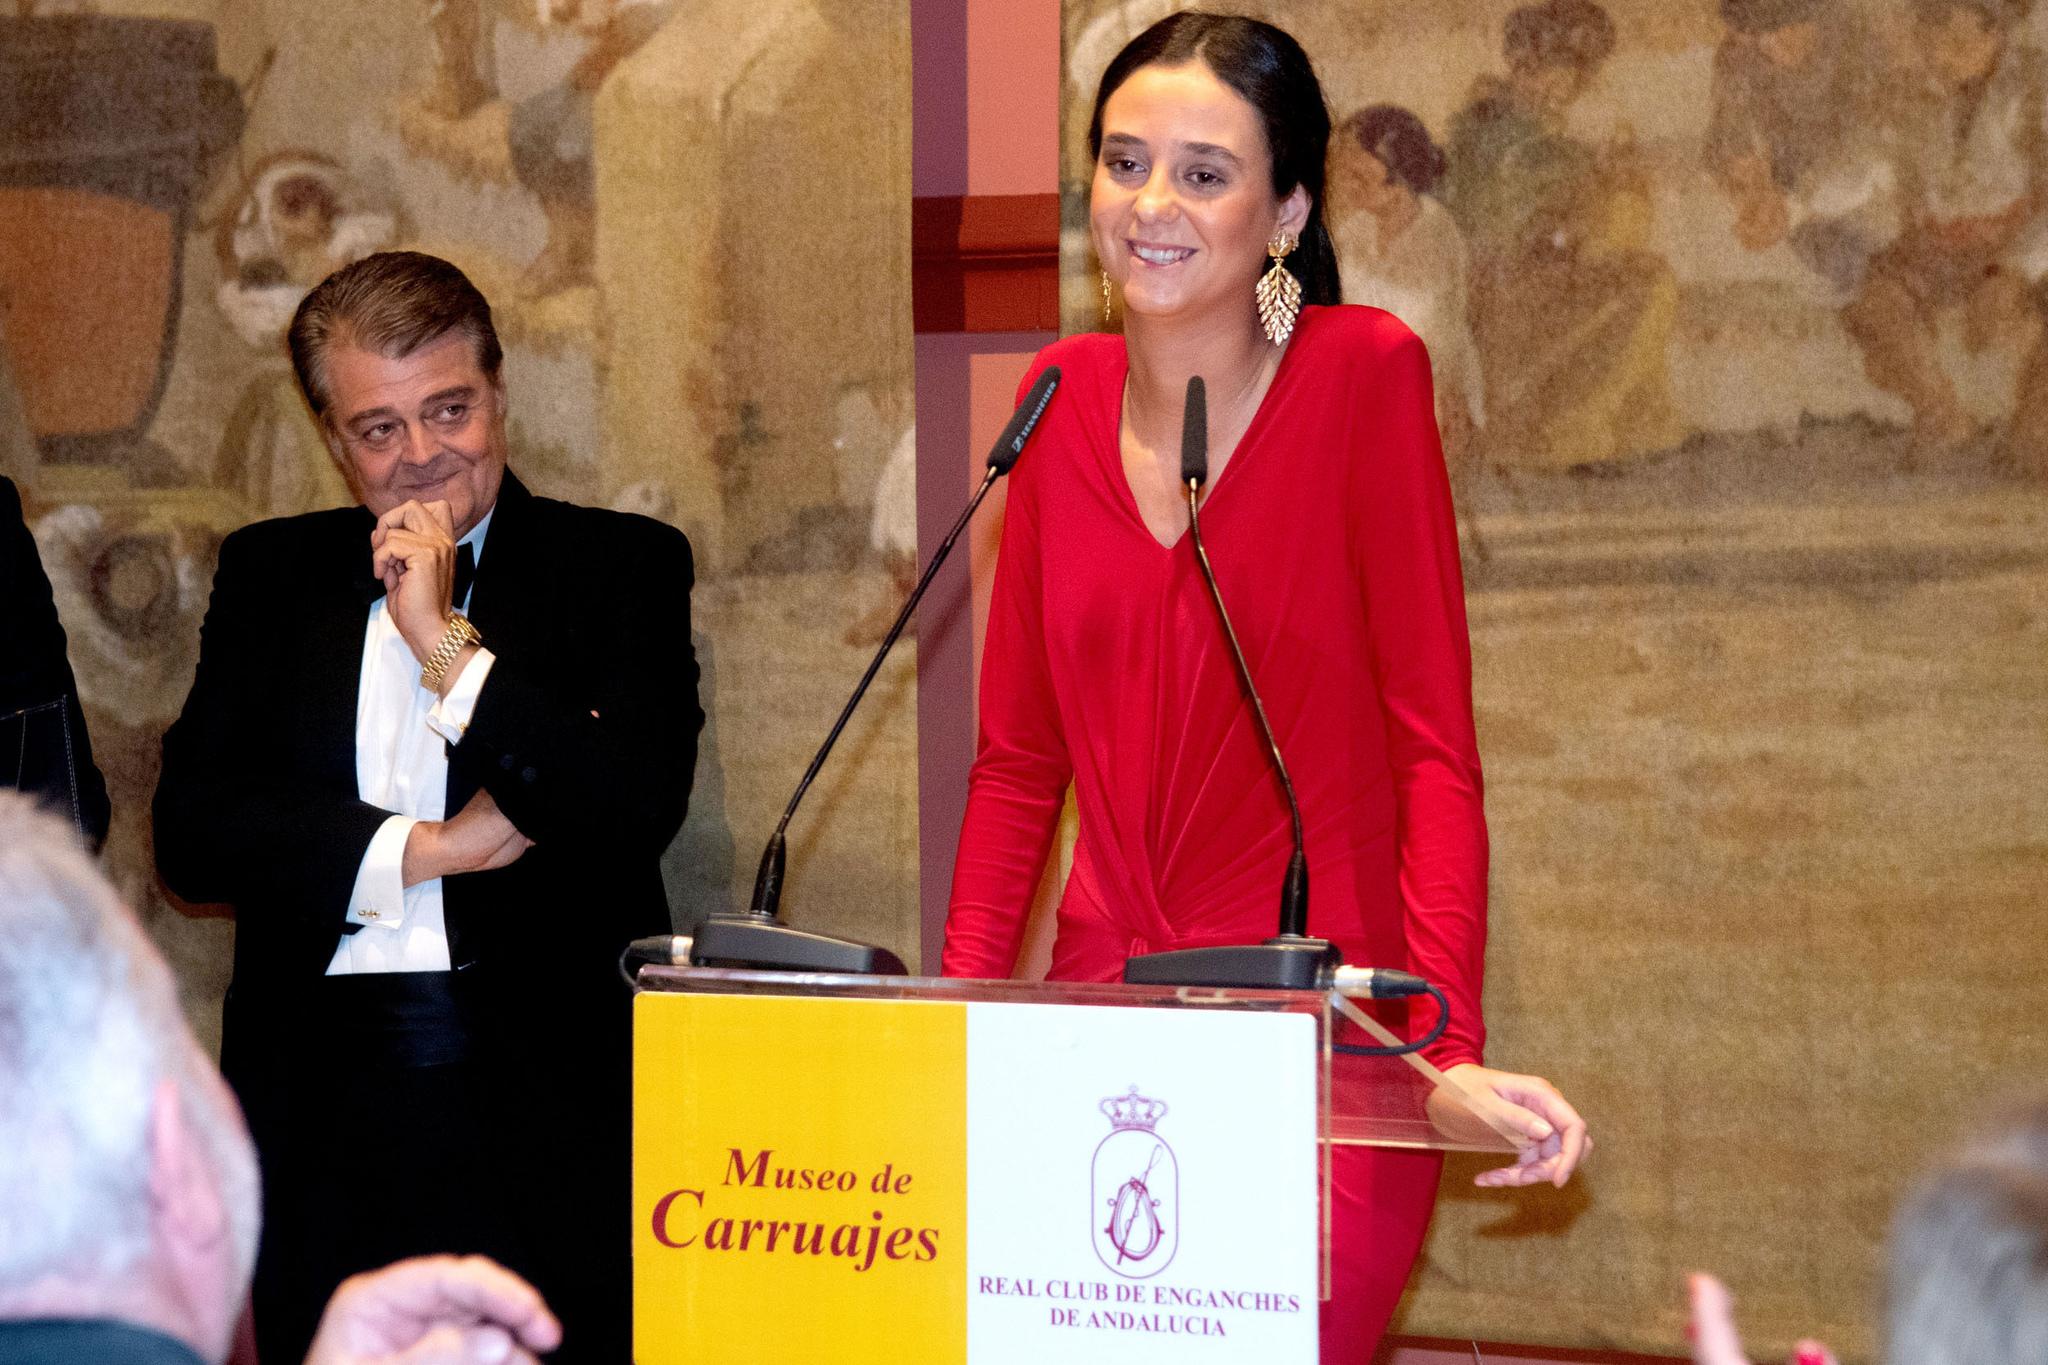 Victoria Federica de Marichalar y Borbón, como Madrina de Honor de la XXXIV Exhibición de Enganches de la Feria de Sevilla.